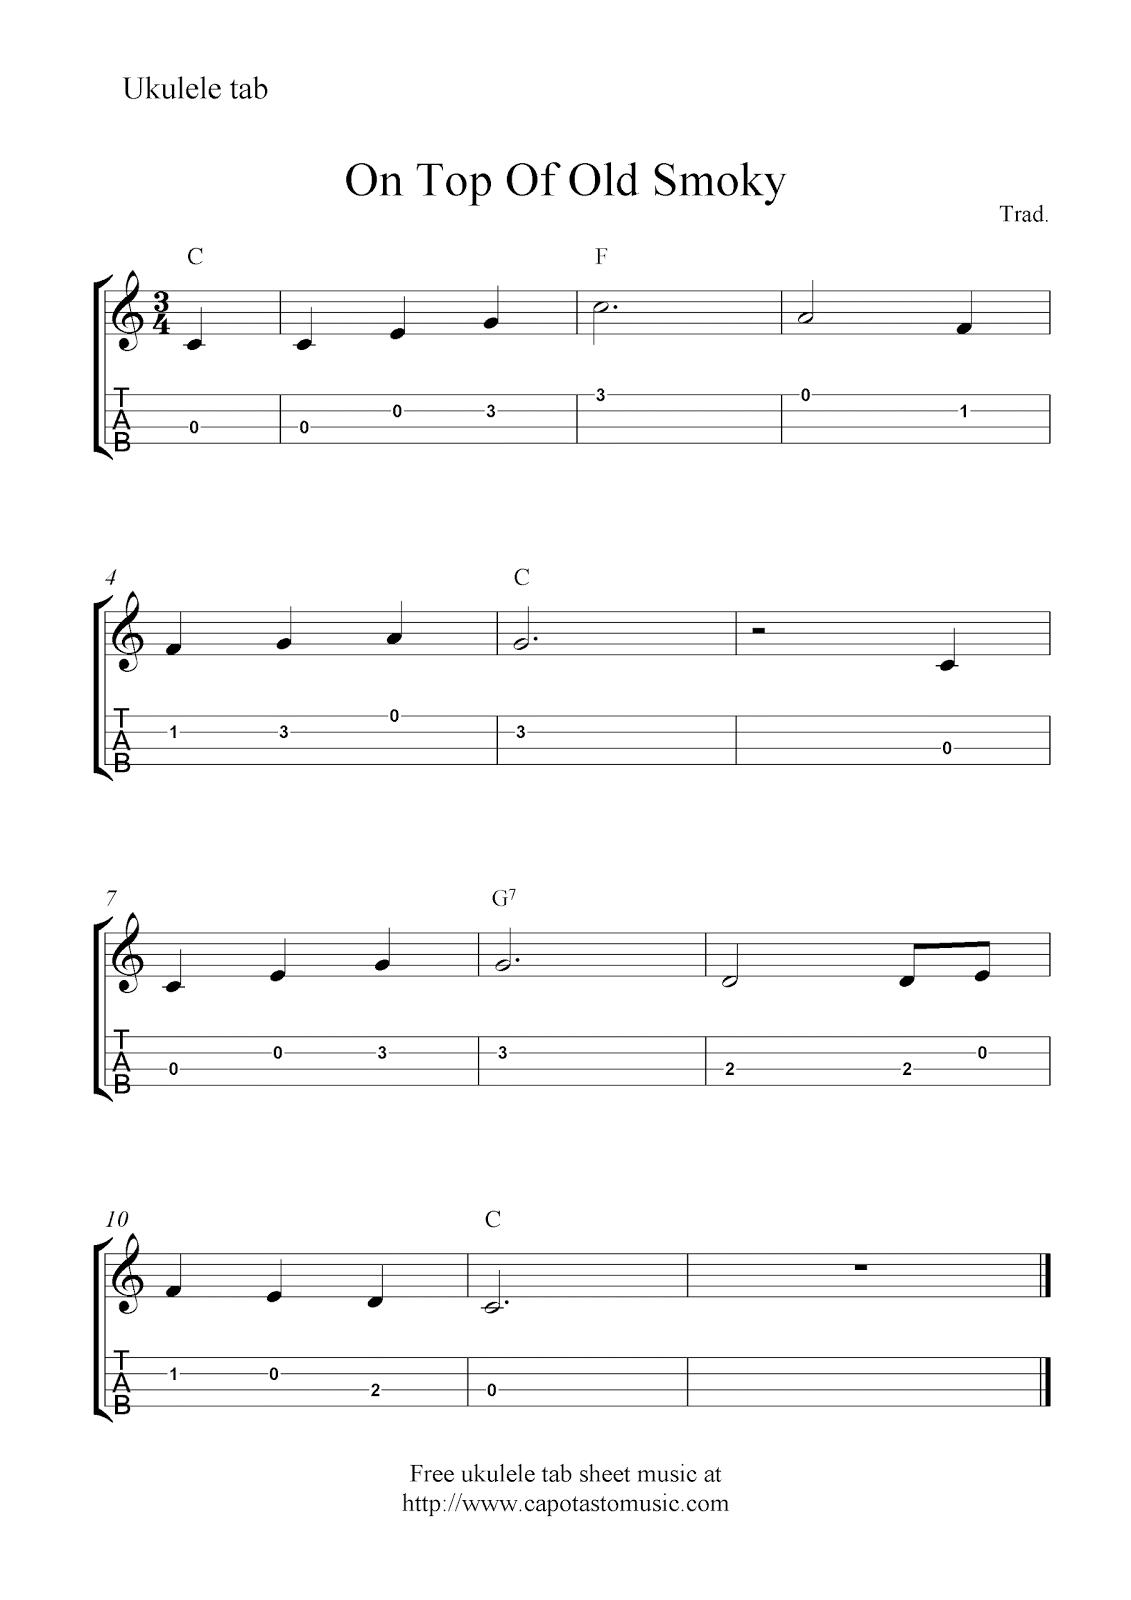 Free Sheet Music Scores On Top Of Old Smoky Ukulele Tab